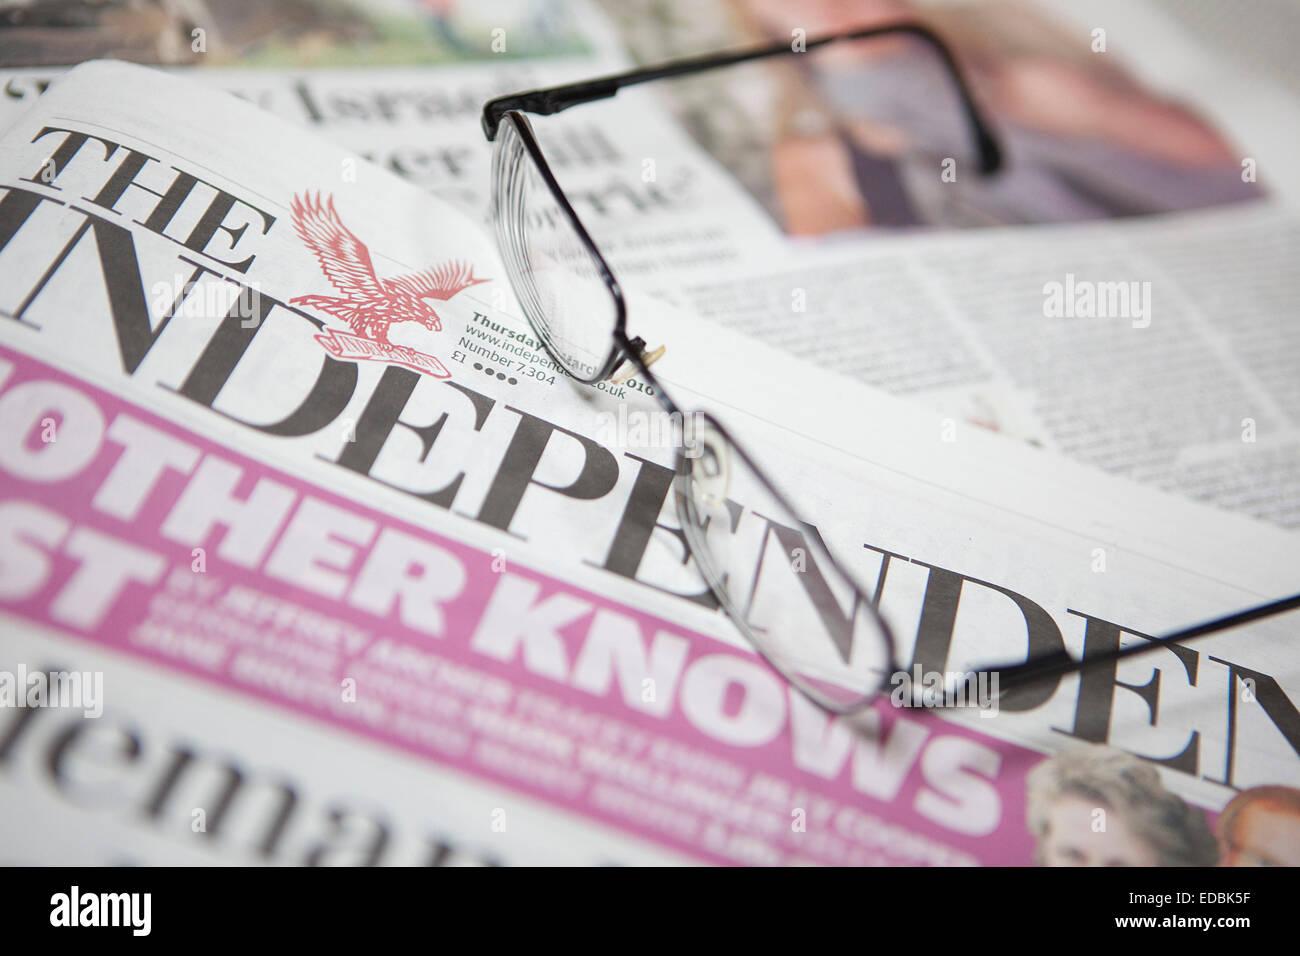 Image d'illustration de la presse indépendante Photo Stock